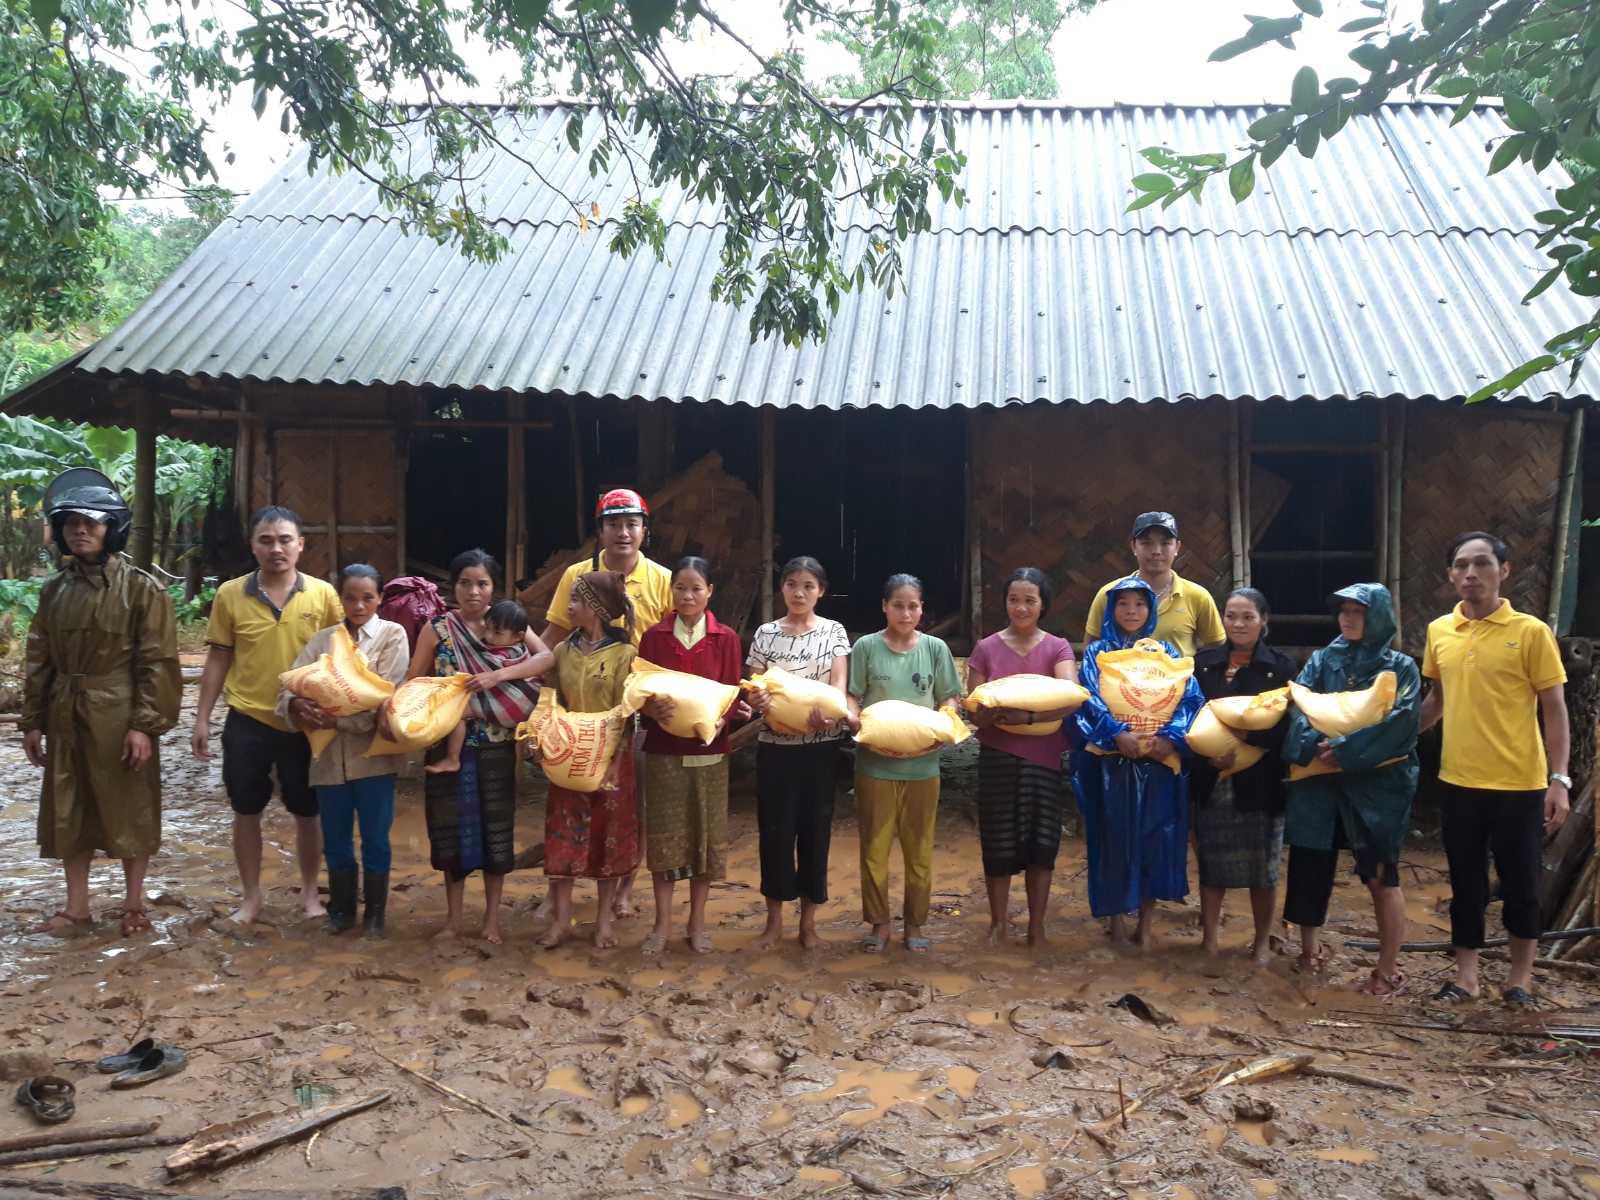 Tặng quà cho người dân bị ảnh hưởng lũ lụt tại huyện Hướng Hóa